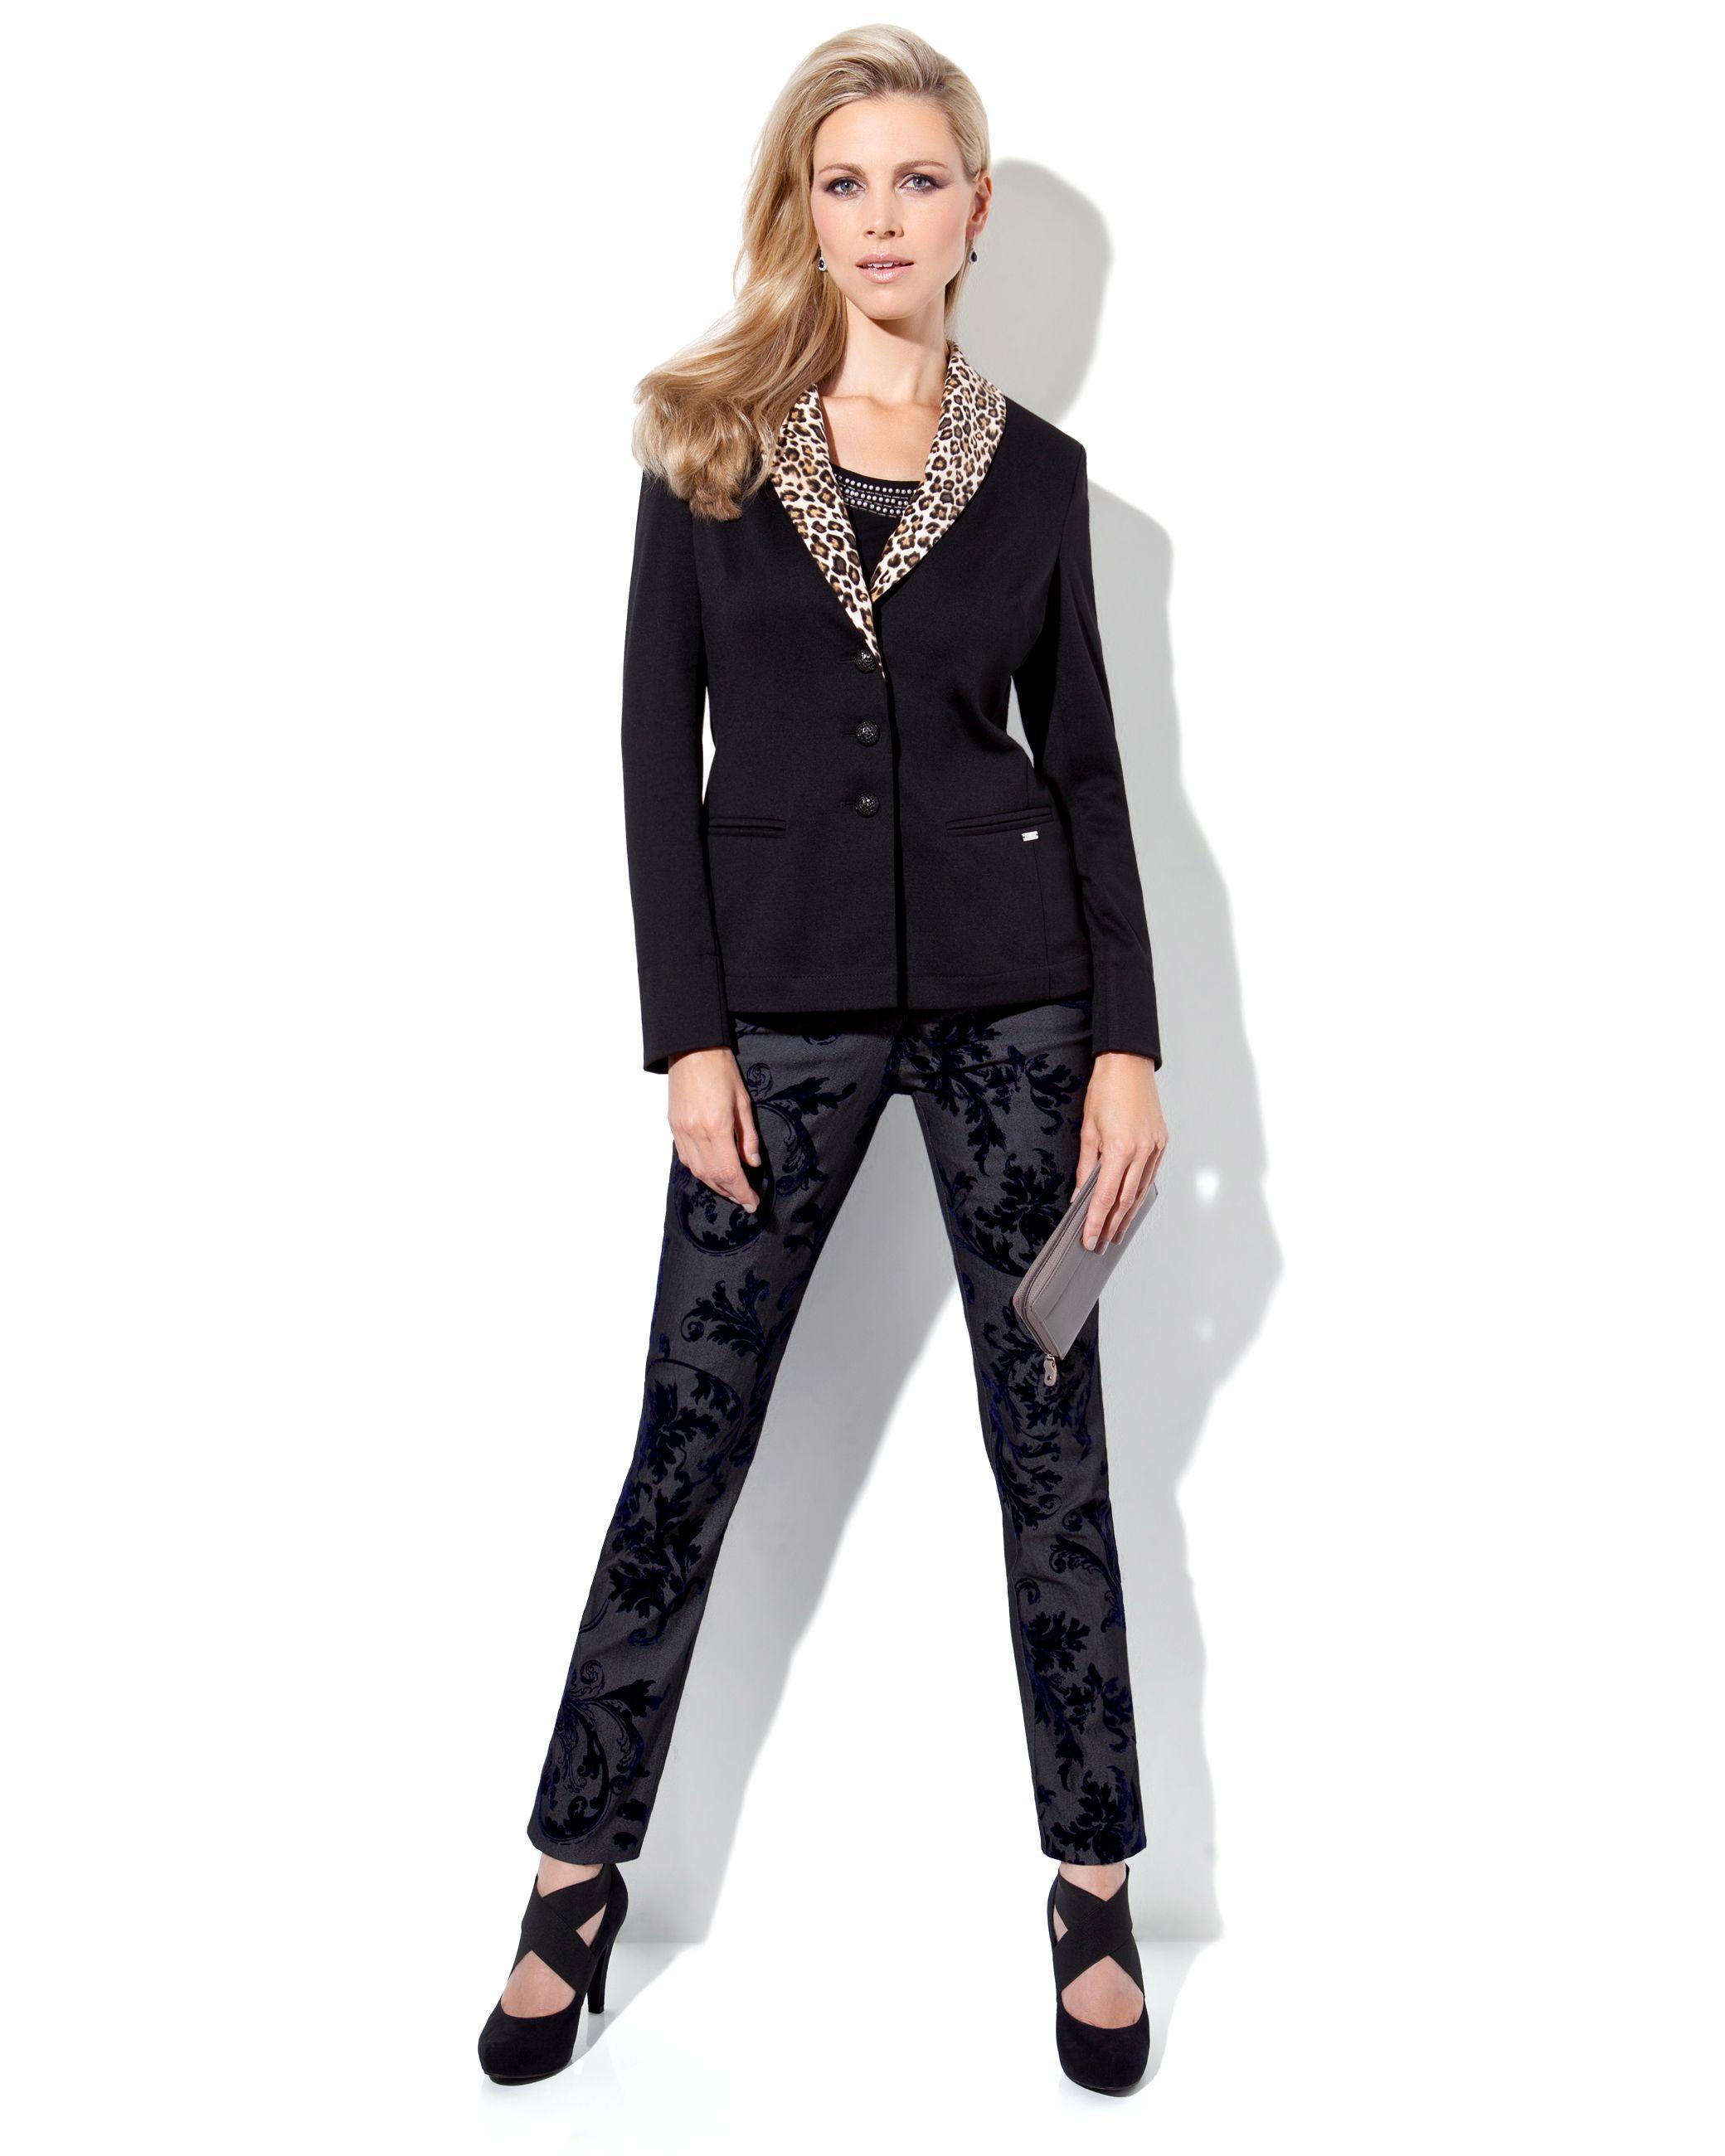 Jede Woche neue Trendstyles entdecken... #HSE24 #fashion #clothing #accessories